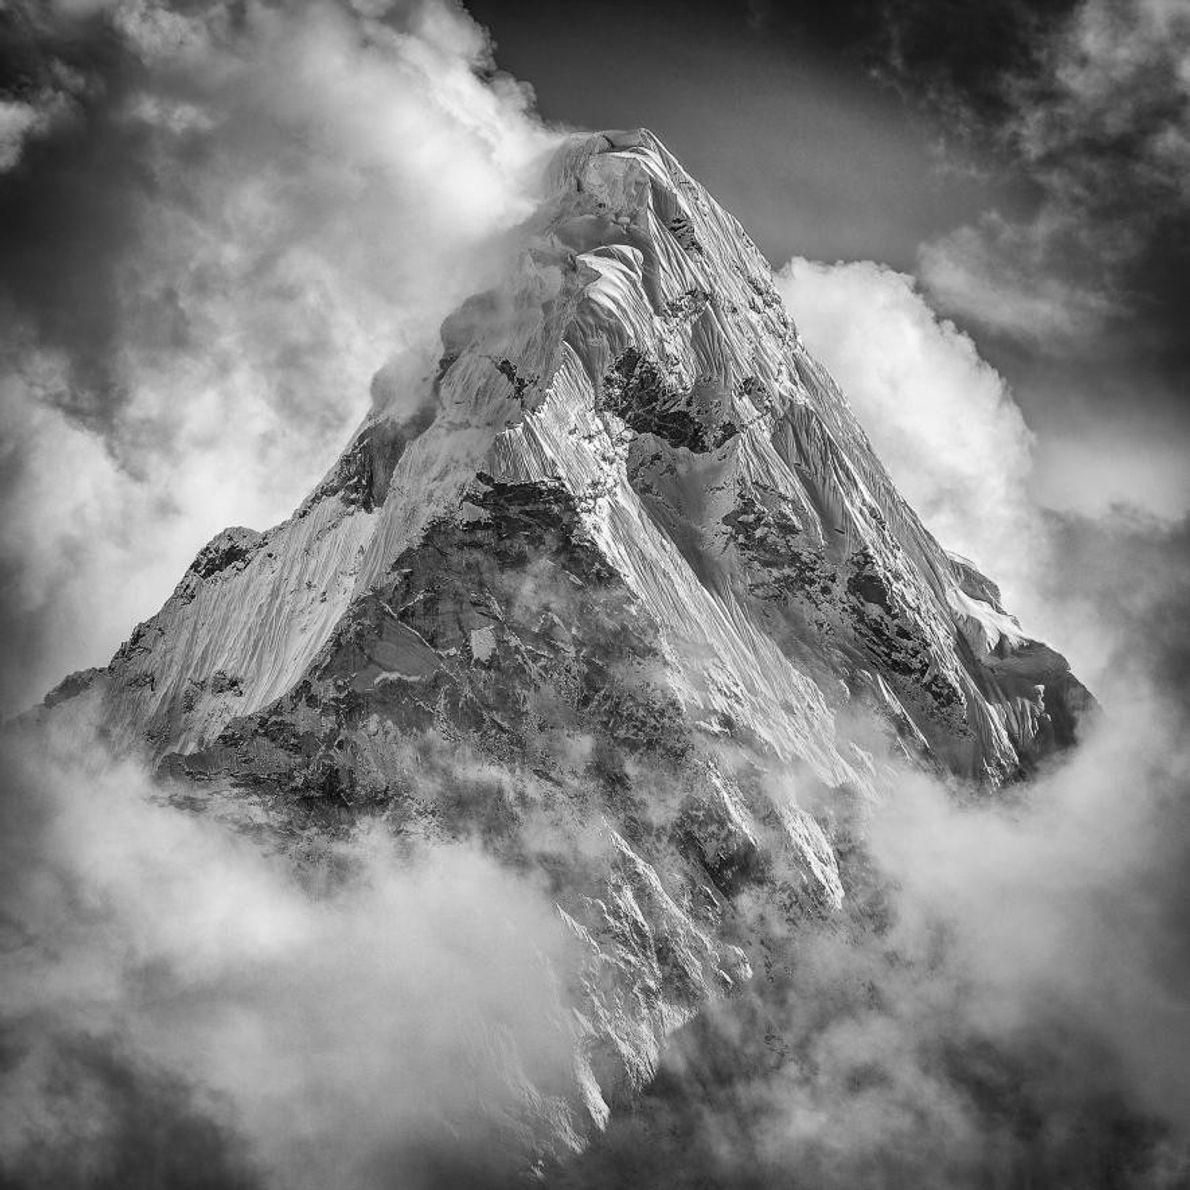 Le pic de l'Everest est enveloppé dans les nuages. Cette montagne est la plus haute au ...